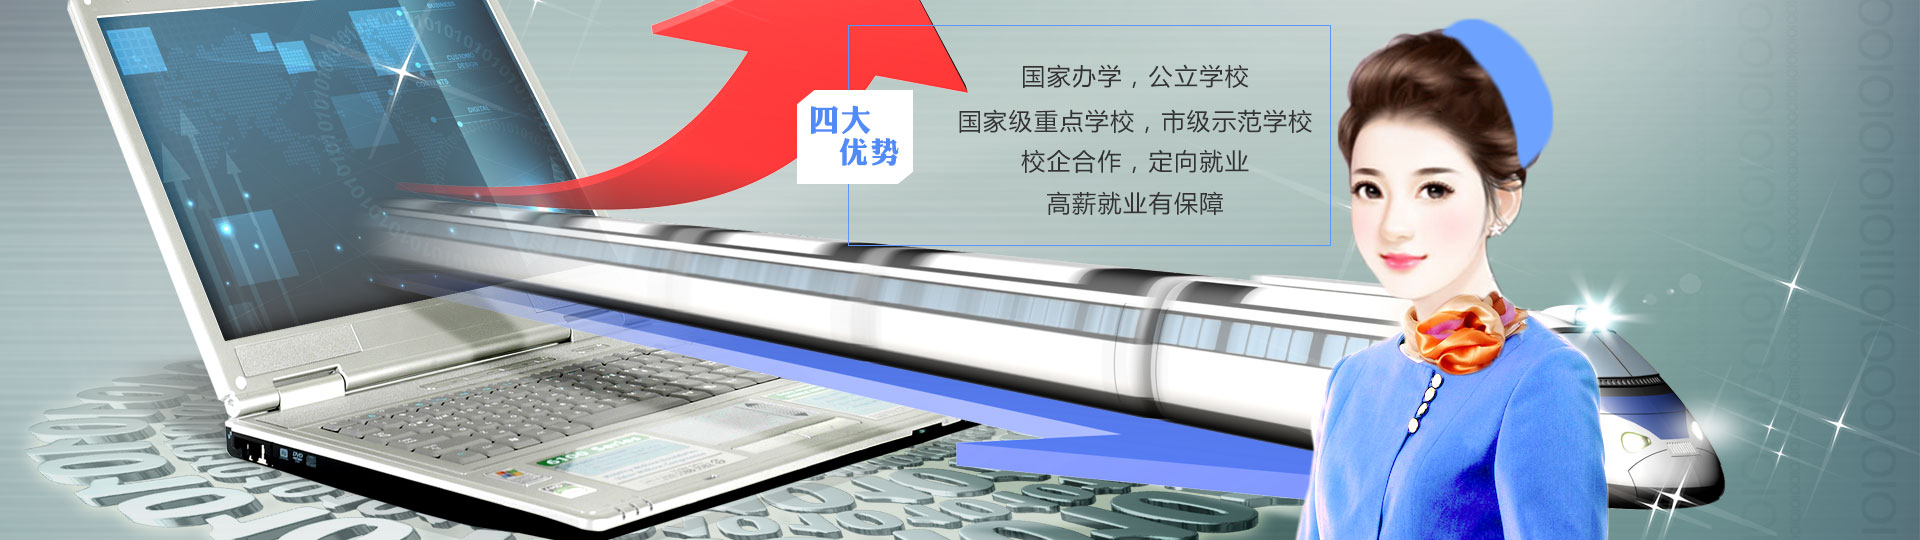 重庆轻轨专业学校